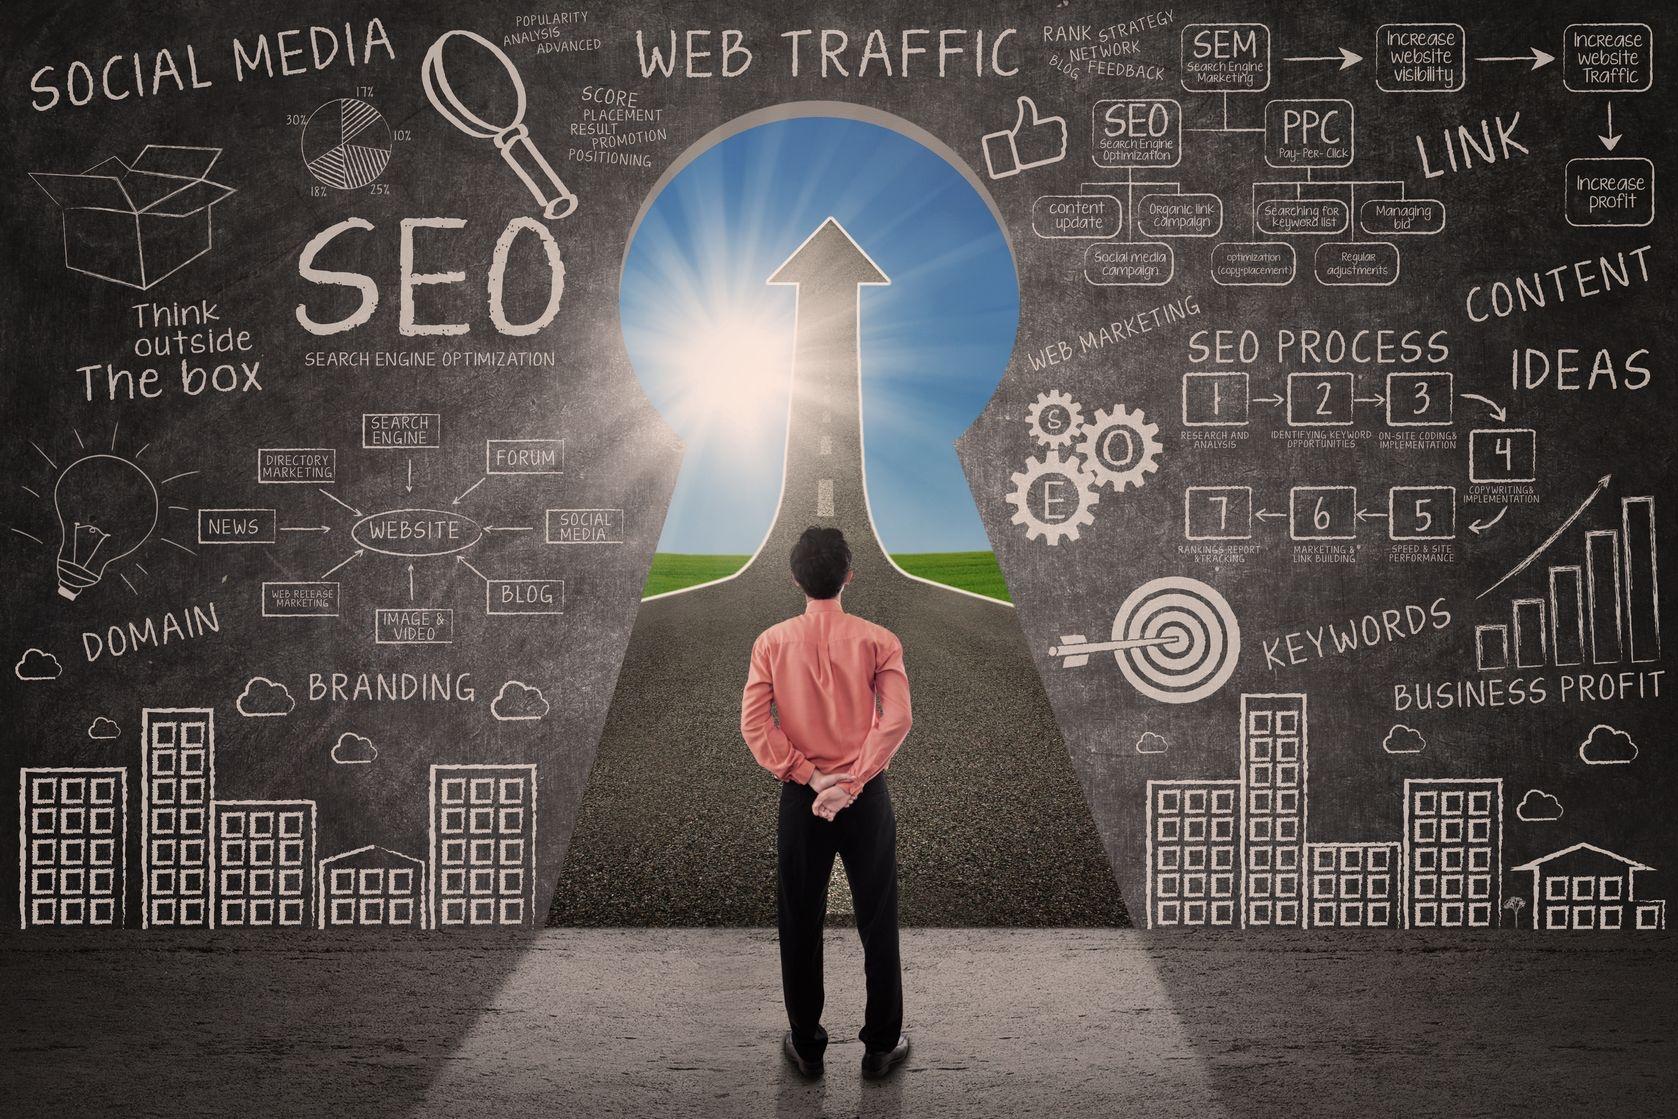 SEO Search Engine Optimization in Orlando